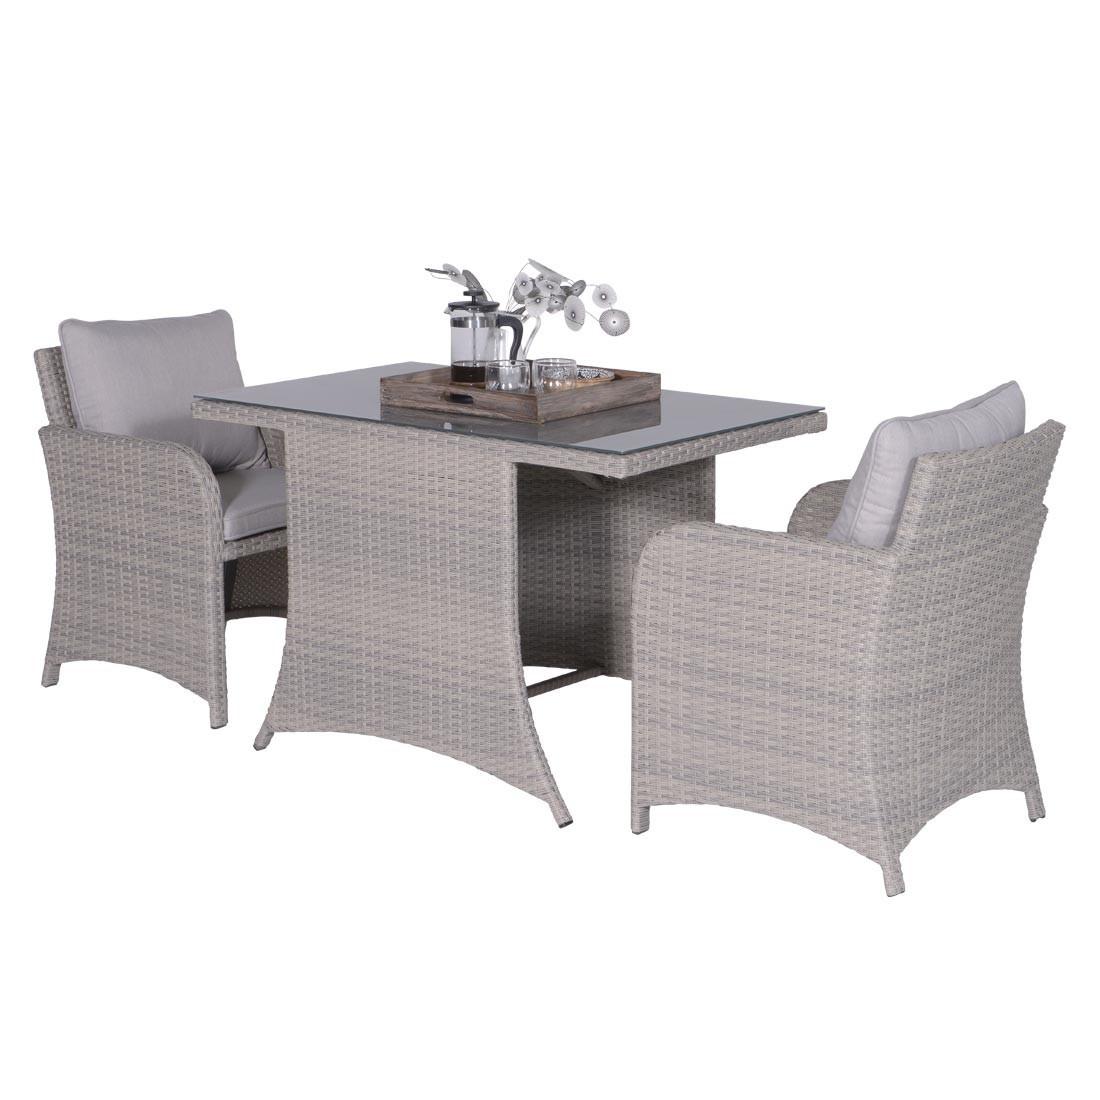 kettler freizeitm belfachh ndler seit mehr als 30 jahren. Black Bedroom Furniture Sets. Home Design Ideas